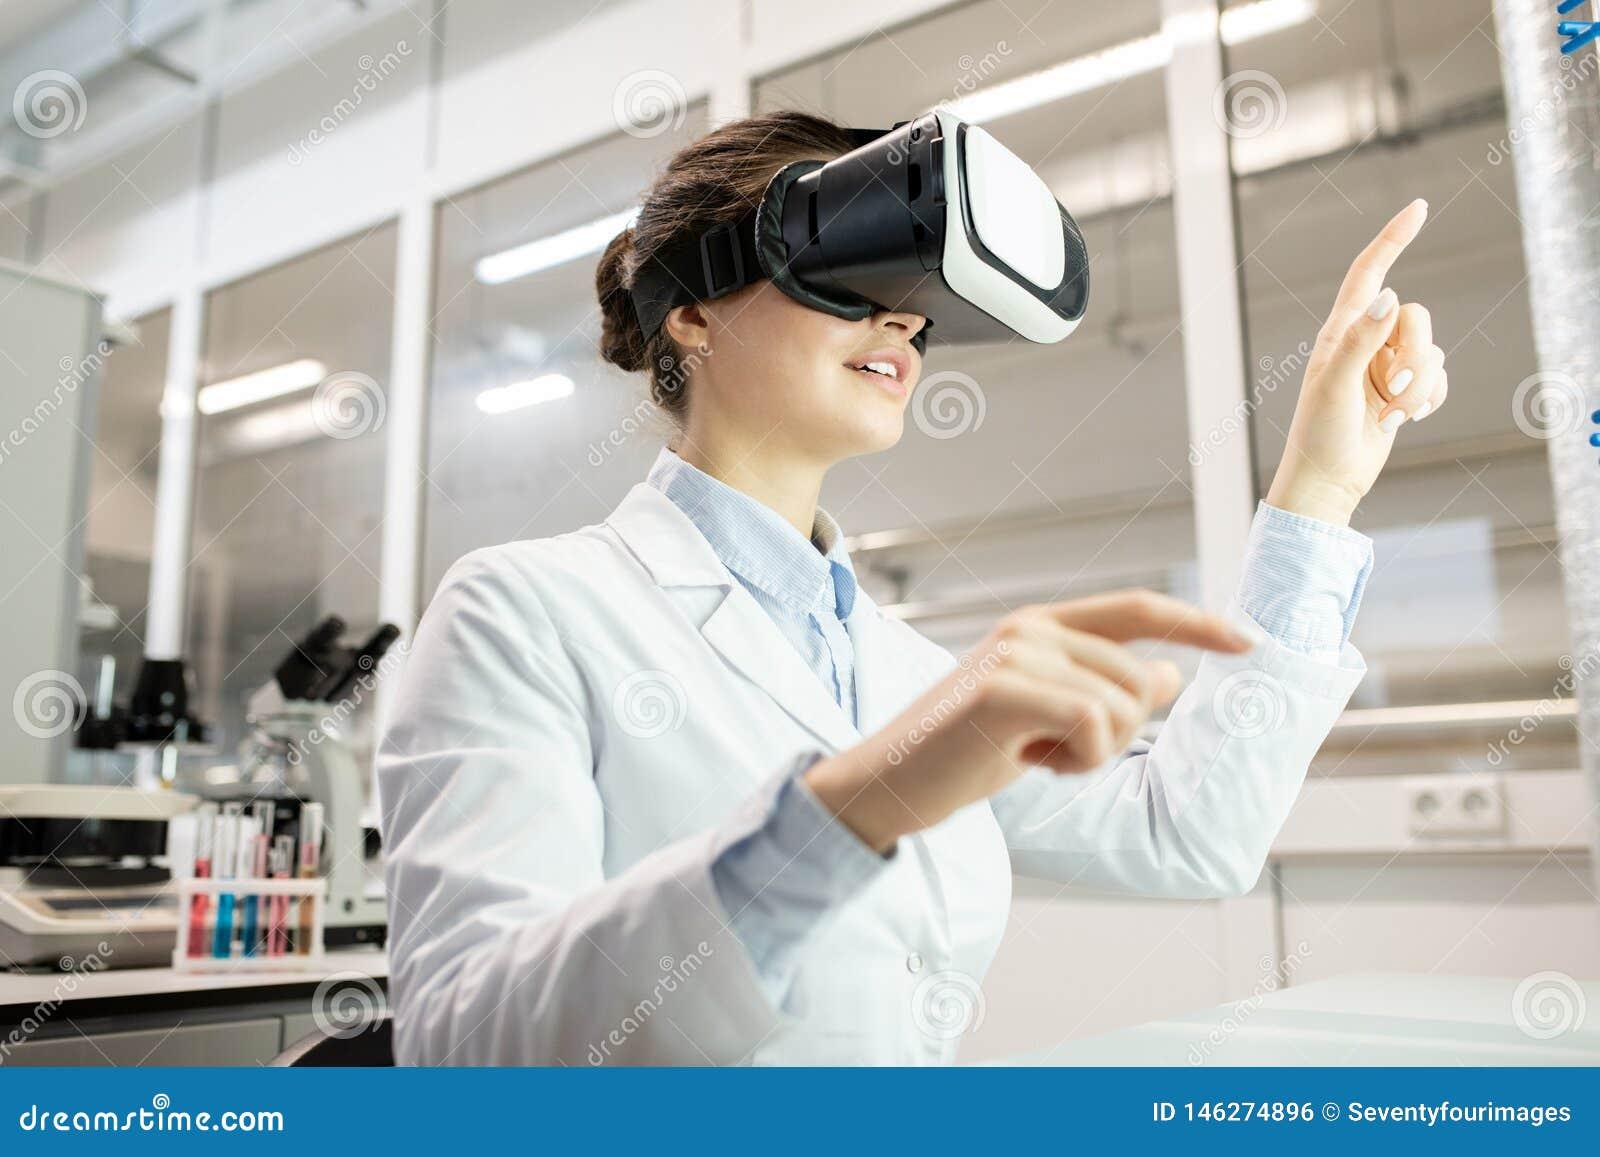 Vídeo de observação do técnico de laboratório no dispositivo de VR